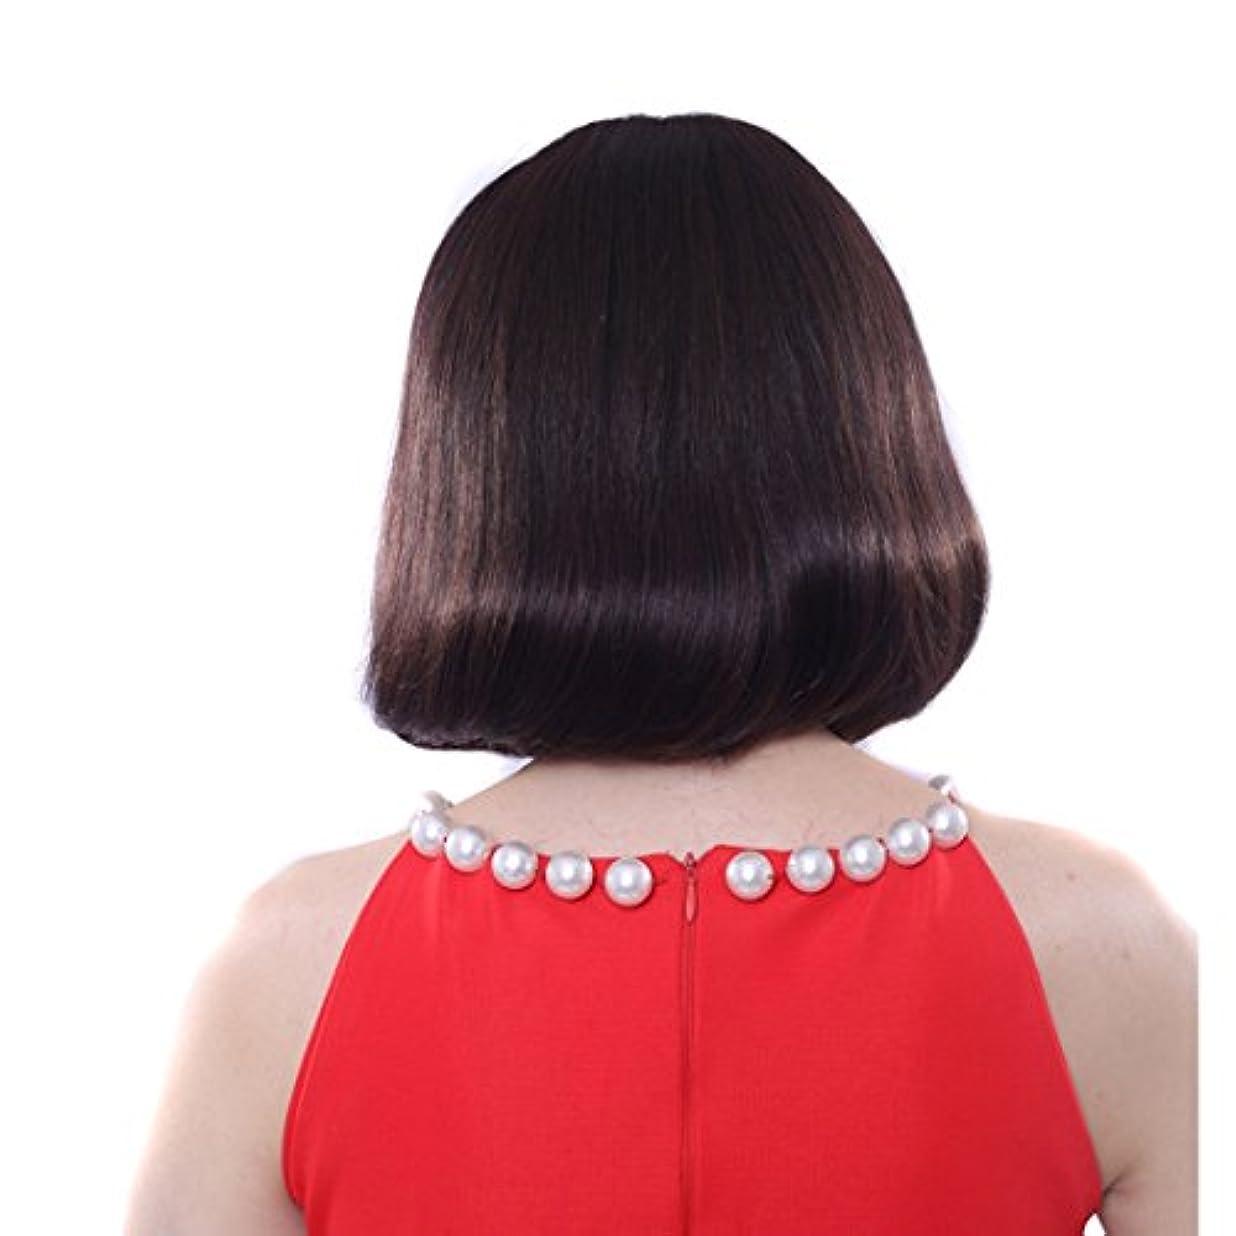 バイバイ出席する割れ目YOUQIU 現実的な人間の自然なかつらの内部梨髪シルクヘアボボヘッドウィッグカーリーフラット前髪ウィッグFuffyインナー梨髪の長さが26センチメートルウィッグ (色 : 黒)